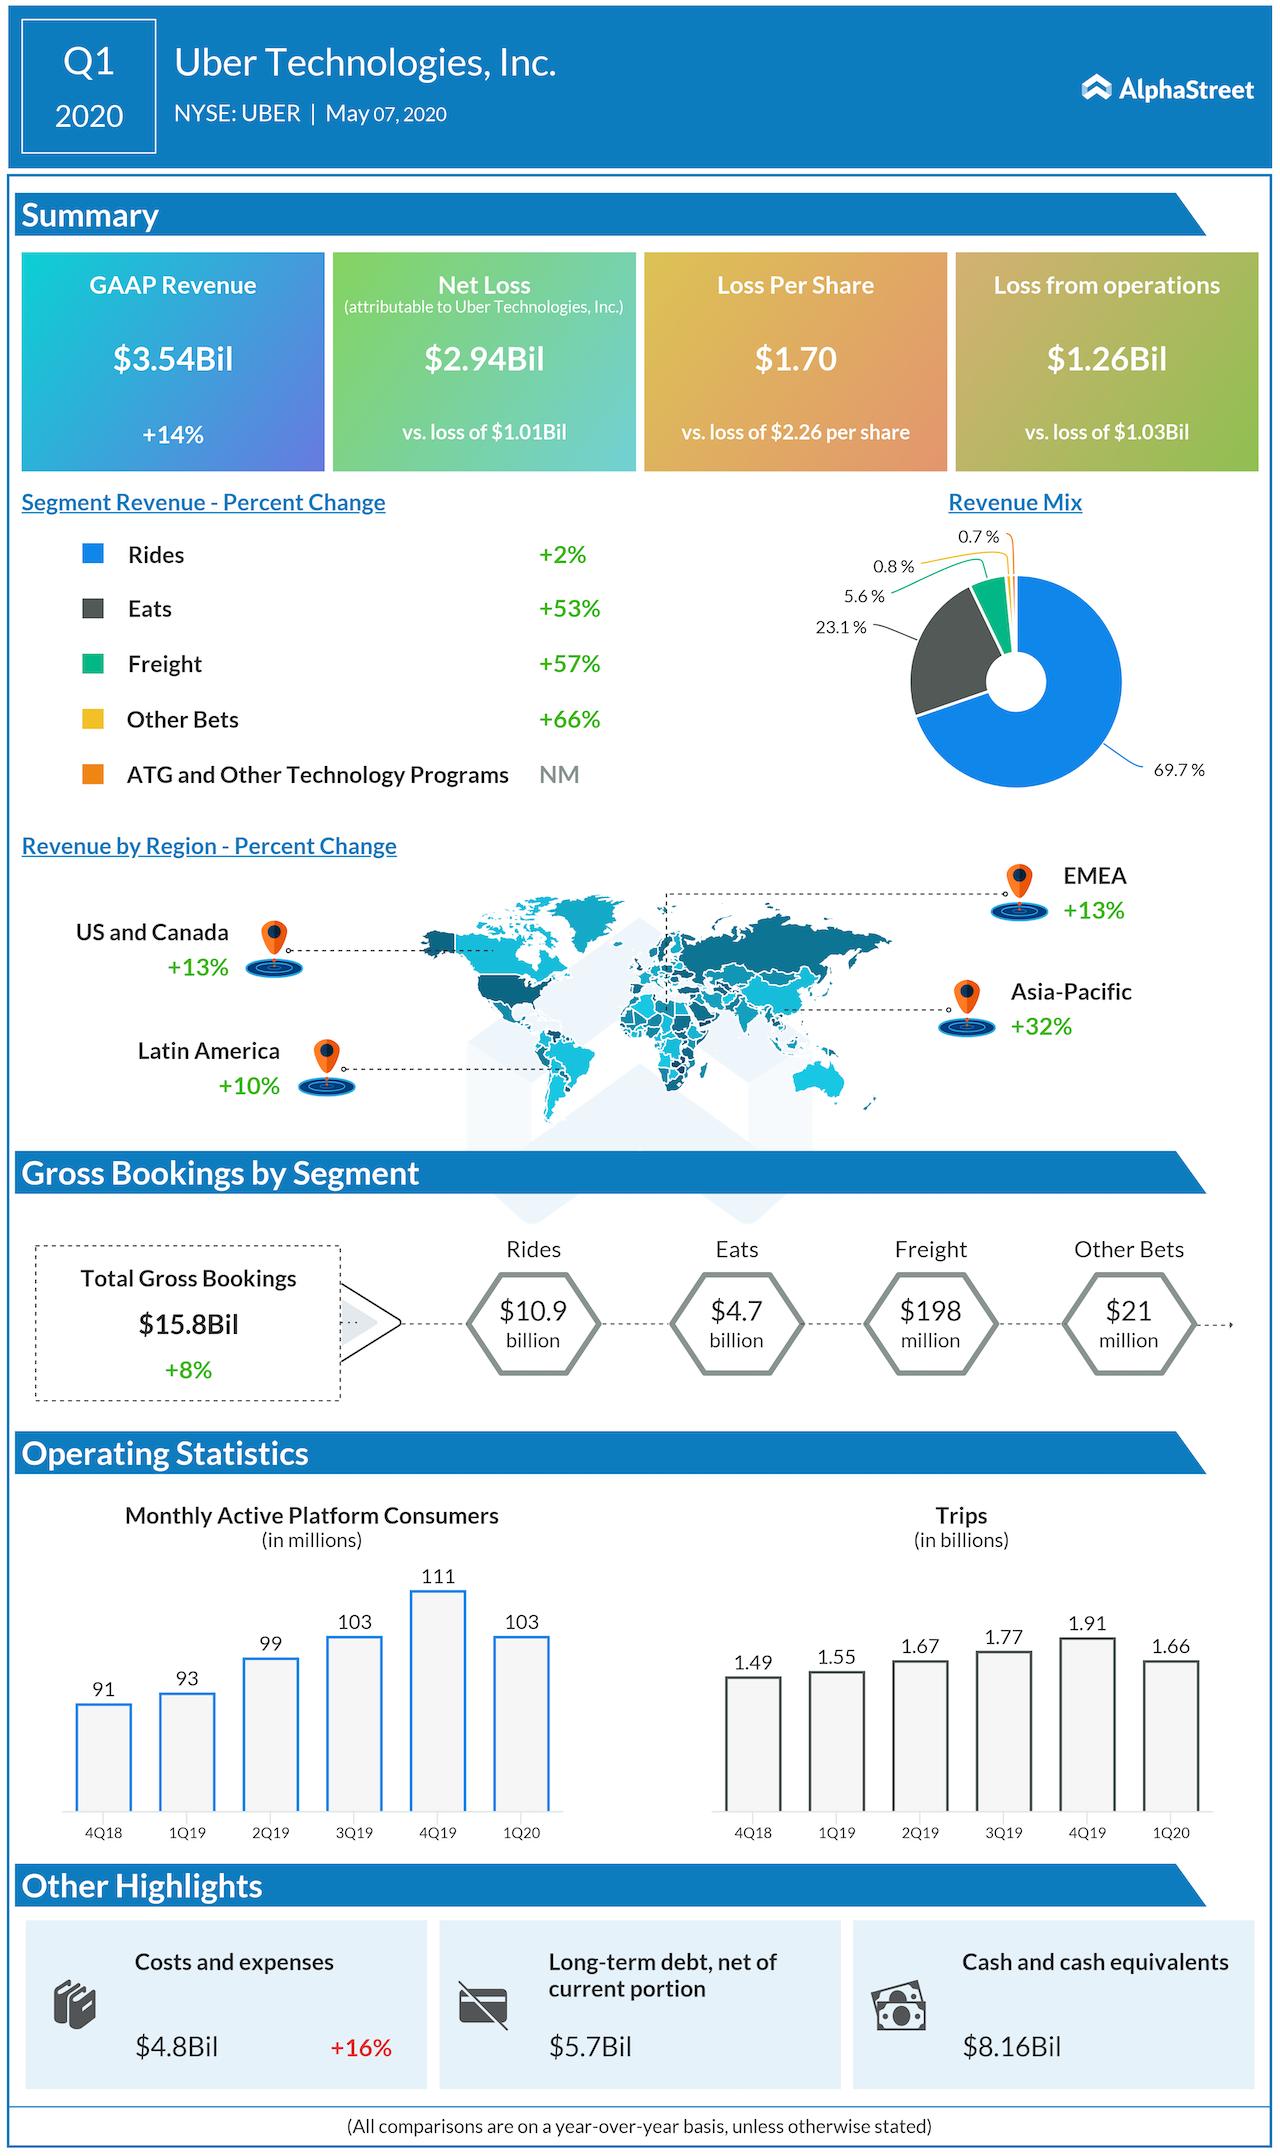 Uber Technologies Q1 2020 earnings